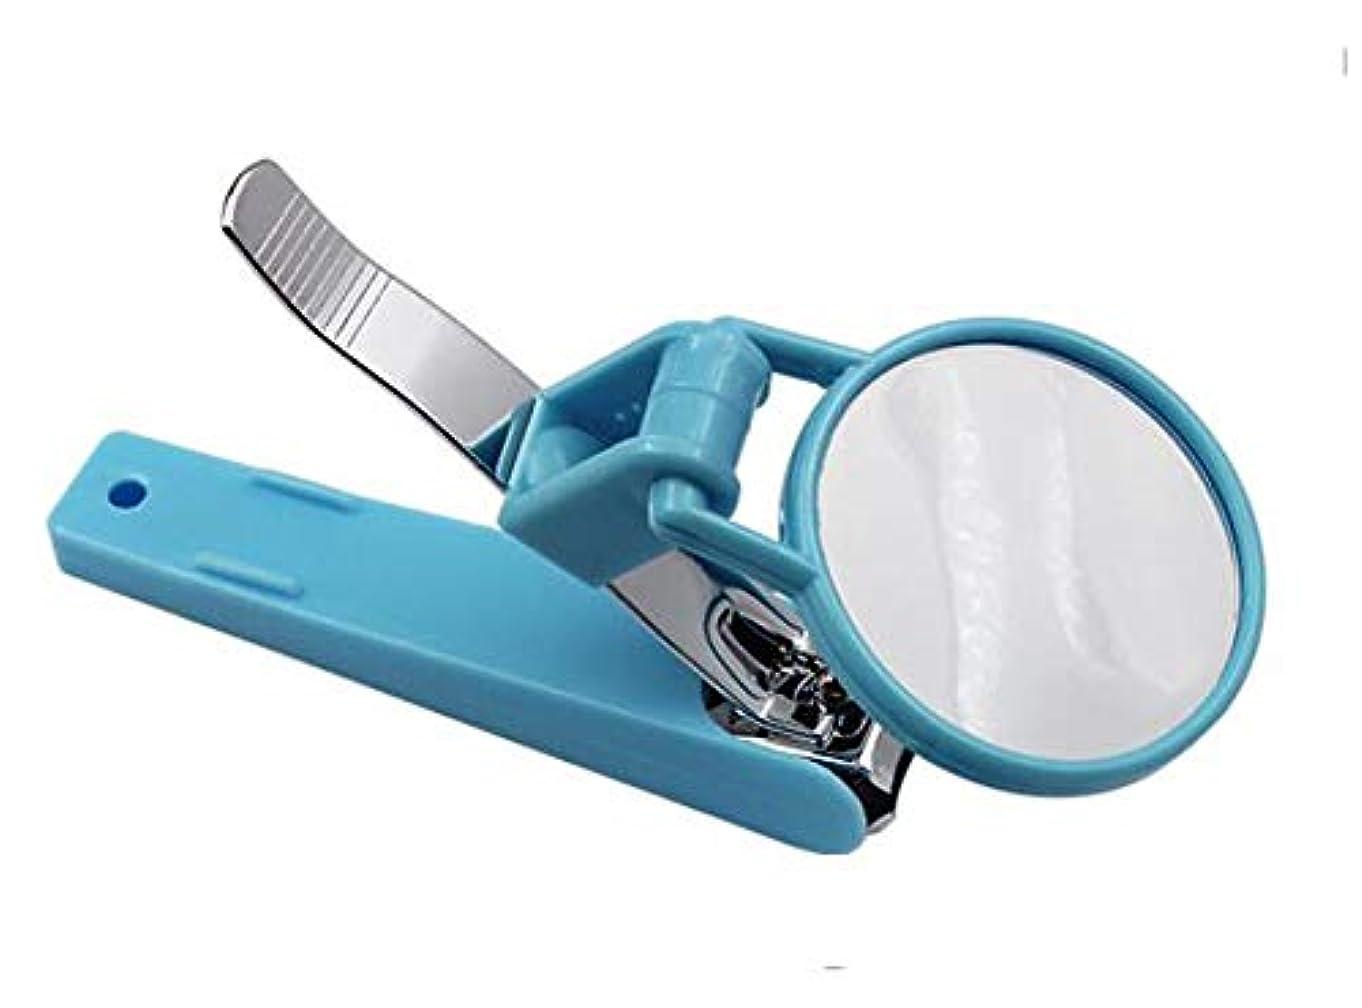 HJ 爪切り ルーペ付き爪切り ネイルケア 拡大鏡付き つめきり ルーペ付きツメキリ ルーペ付きネイルケア 高齢者向け 虫眼鏡 ステンレス鋼 コンパクト 携帯便利 360度回転する